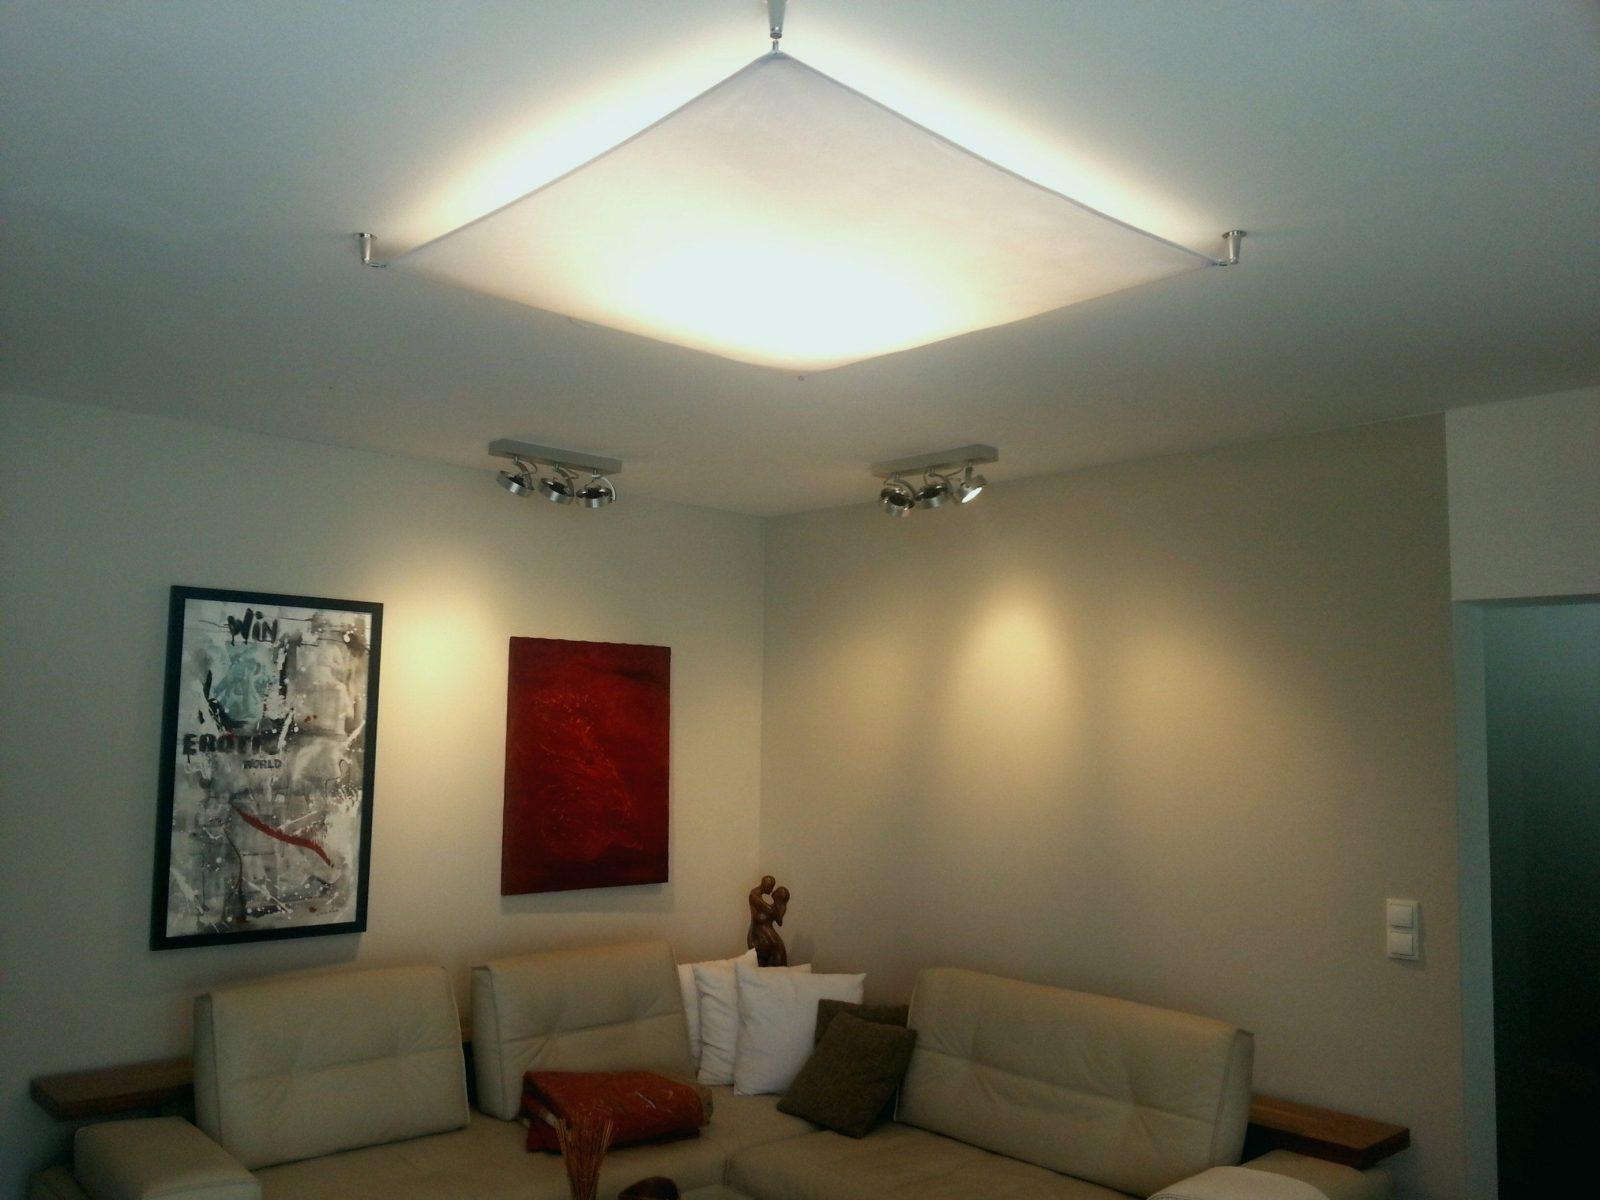 27 Unique Indirekte Led Beleuchtung Selber Bauen  Inneneinrichtung von Led Beleuchtung Wohnzimmer Selber Bauen Bild